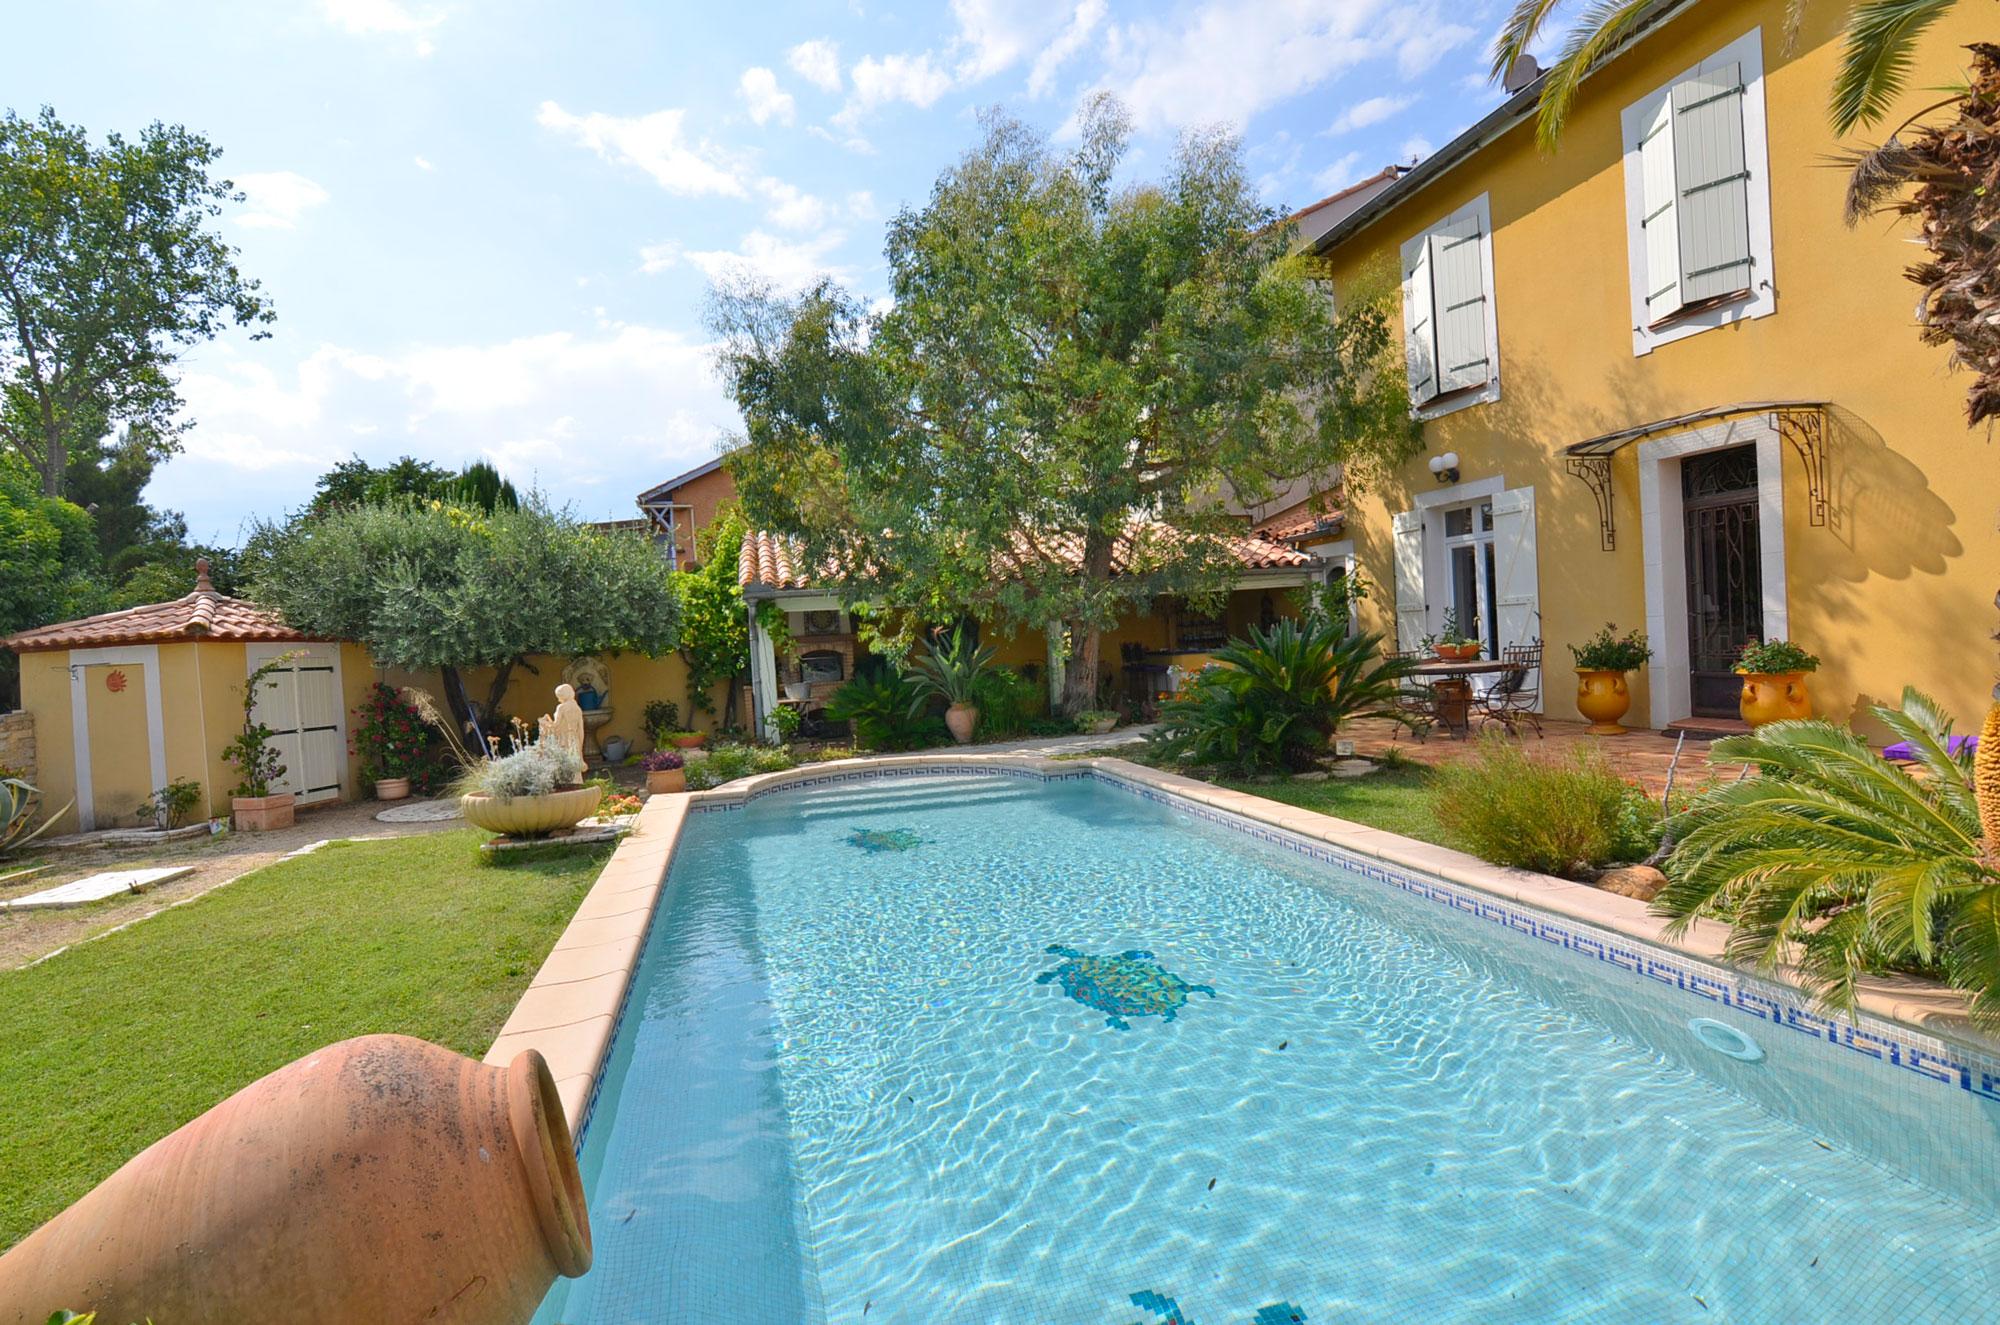 Vente Immobilieres Sud France Minervois Bezier Carcassonne